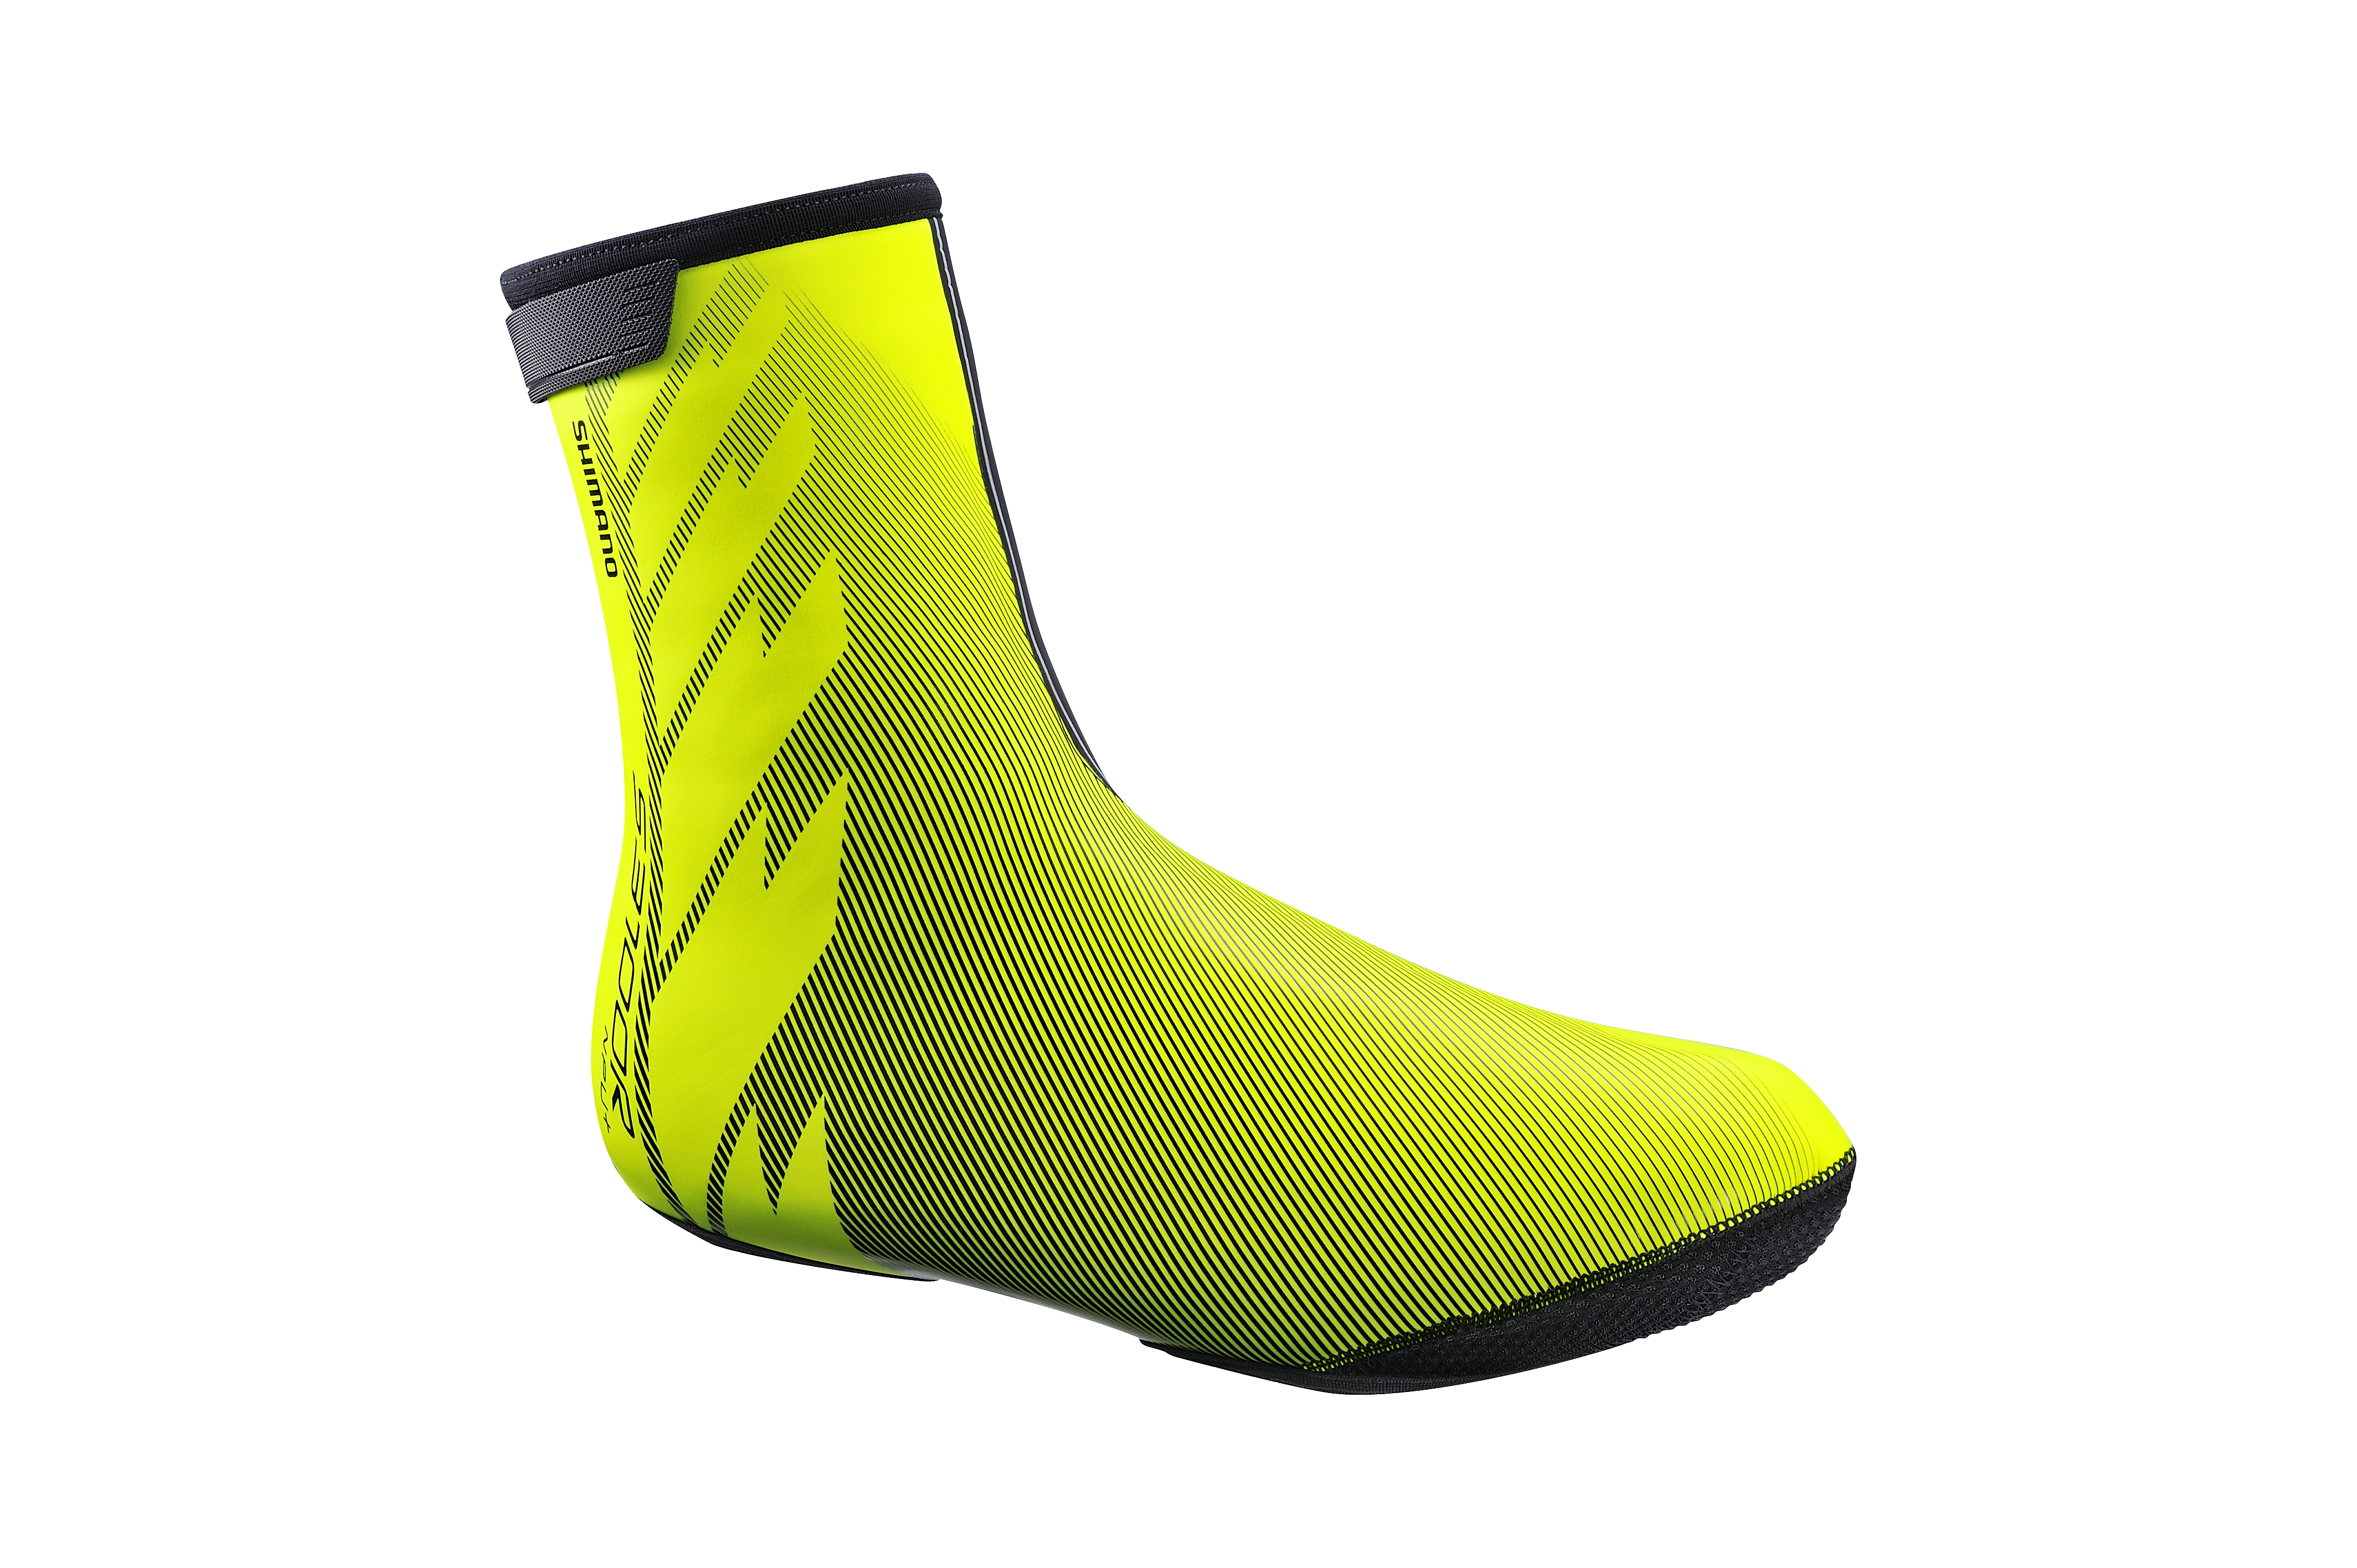 SHIMANO S3100R NPU+ návleky na obuv, Neon žlutá, S